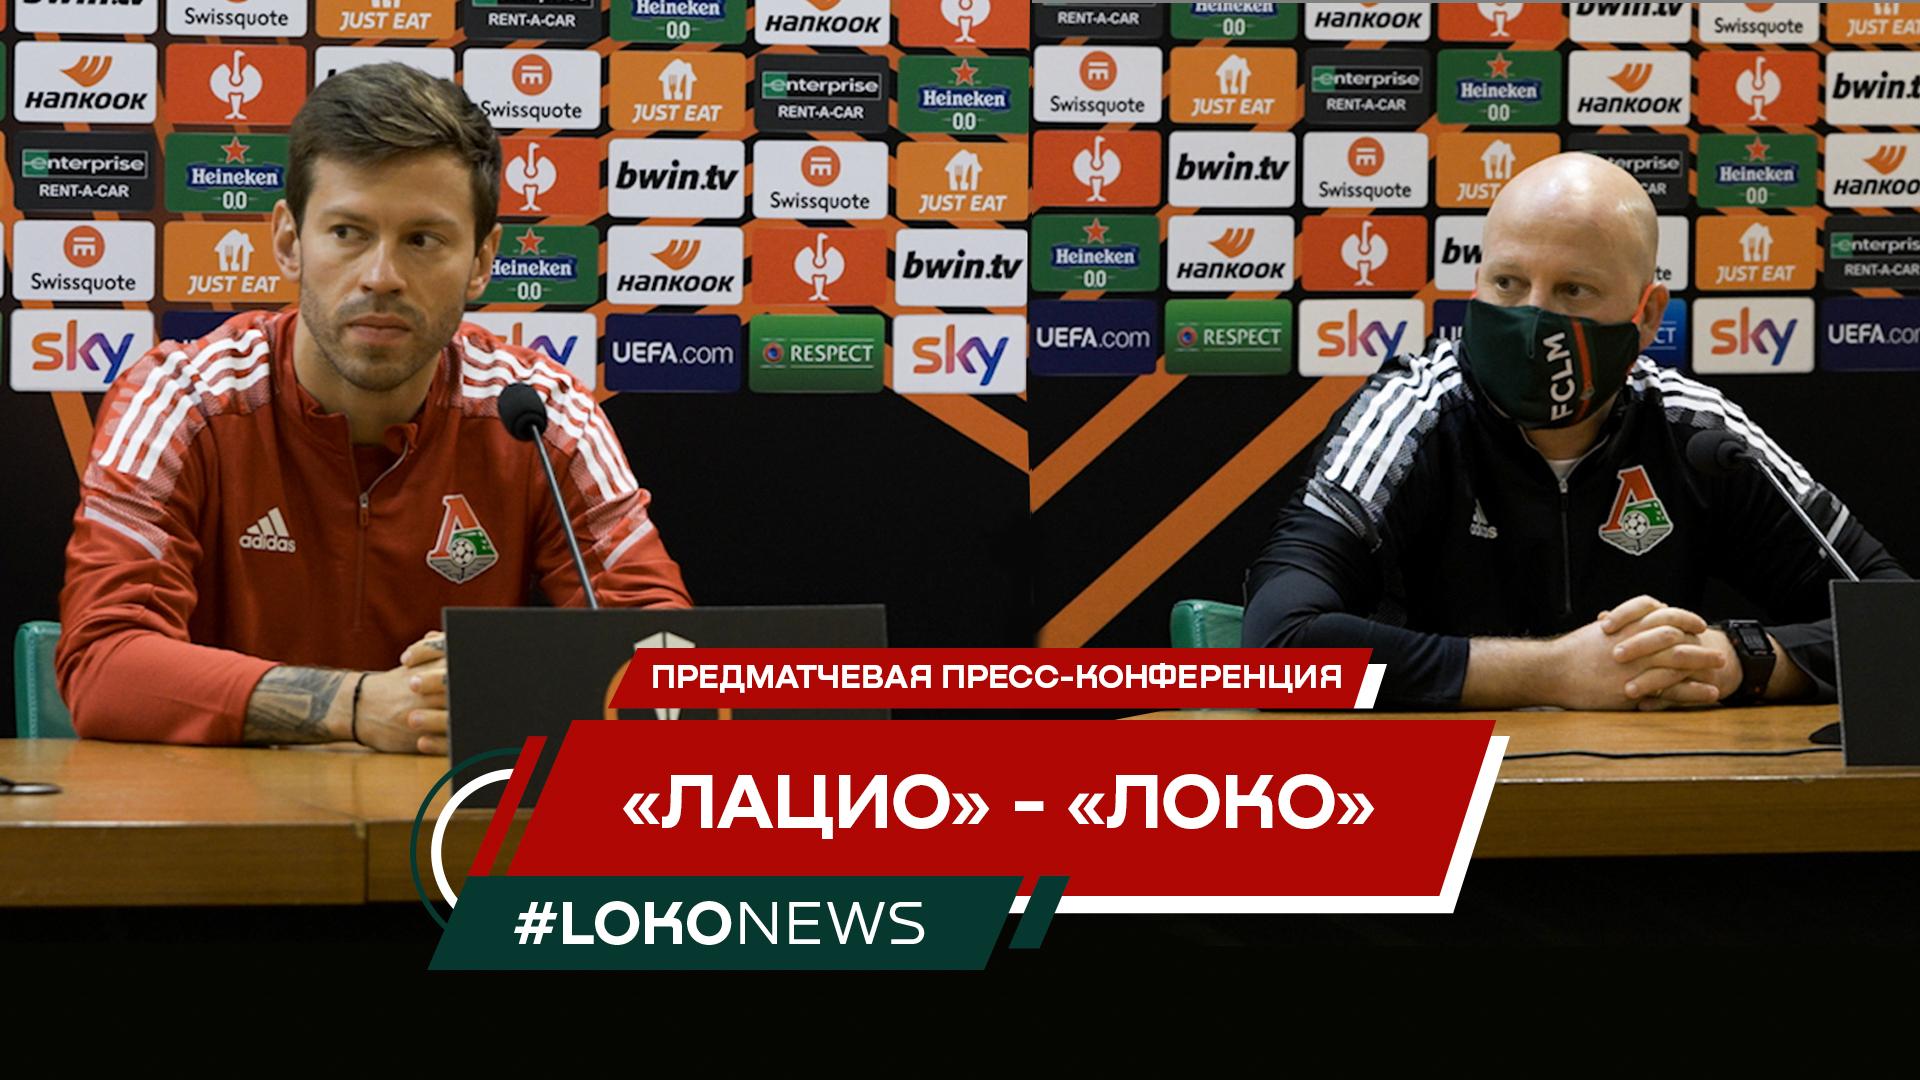 Пресс-конференция Николича и Смолова перед матчем с «Лацио»